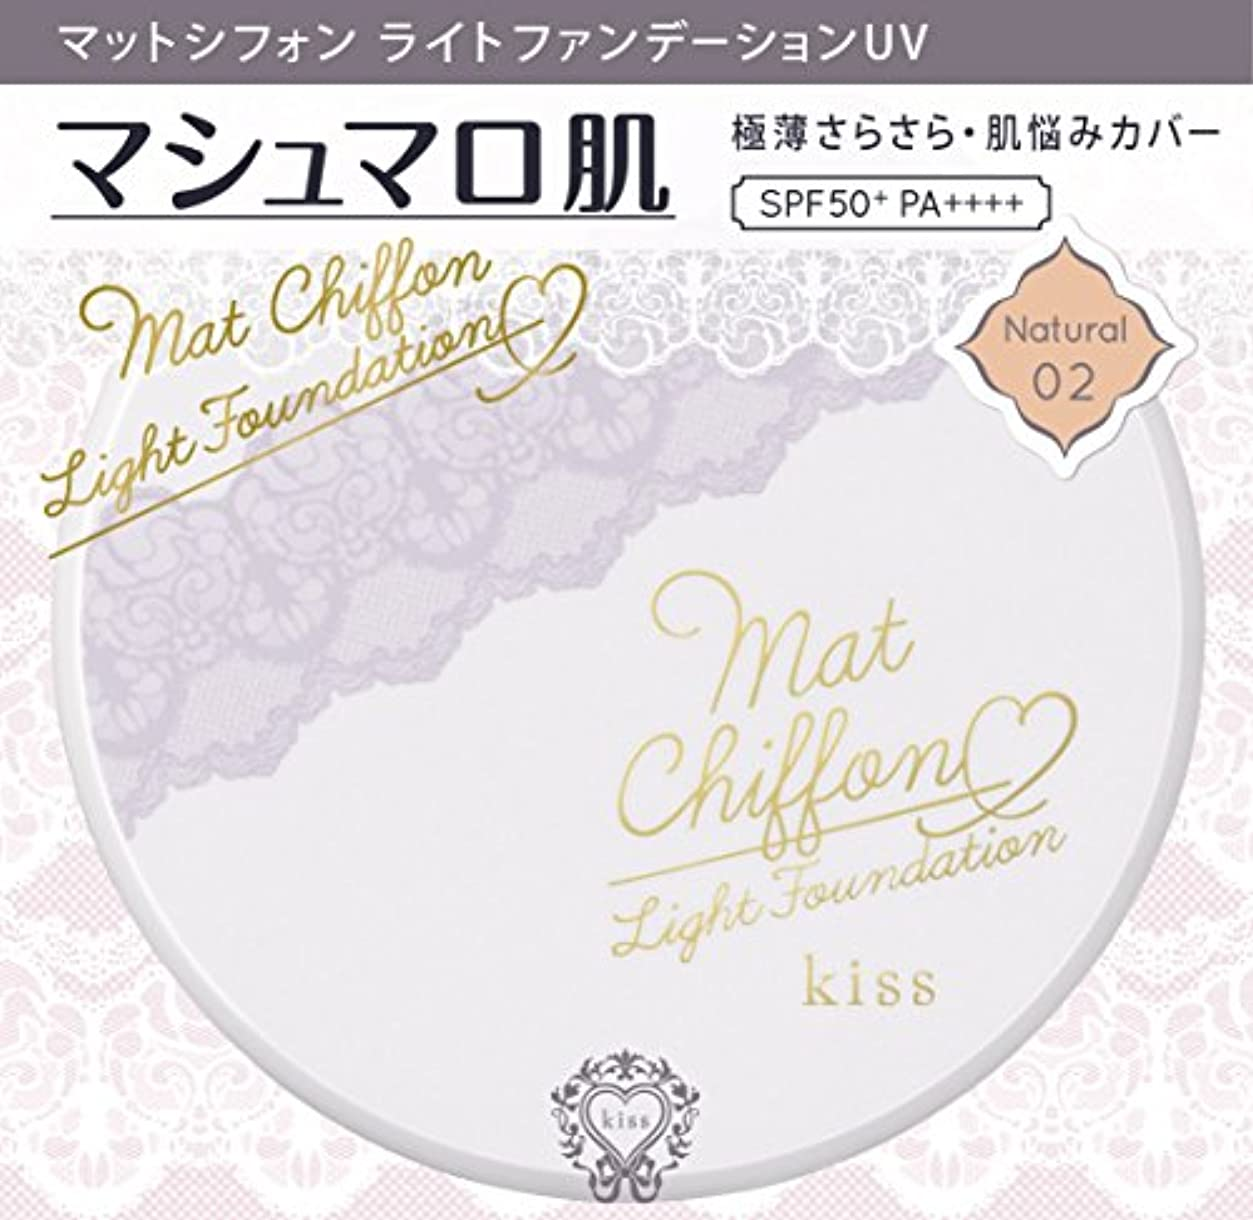 苦しめる俳優研磨剤キス マットシフォン ライトファンデーションUV02 ナチュラル 10g